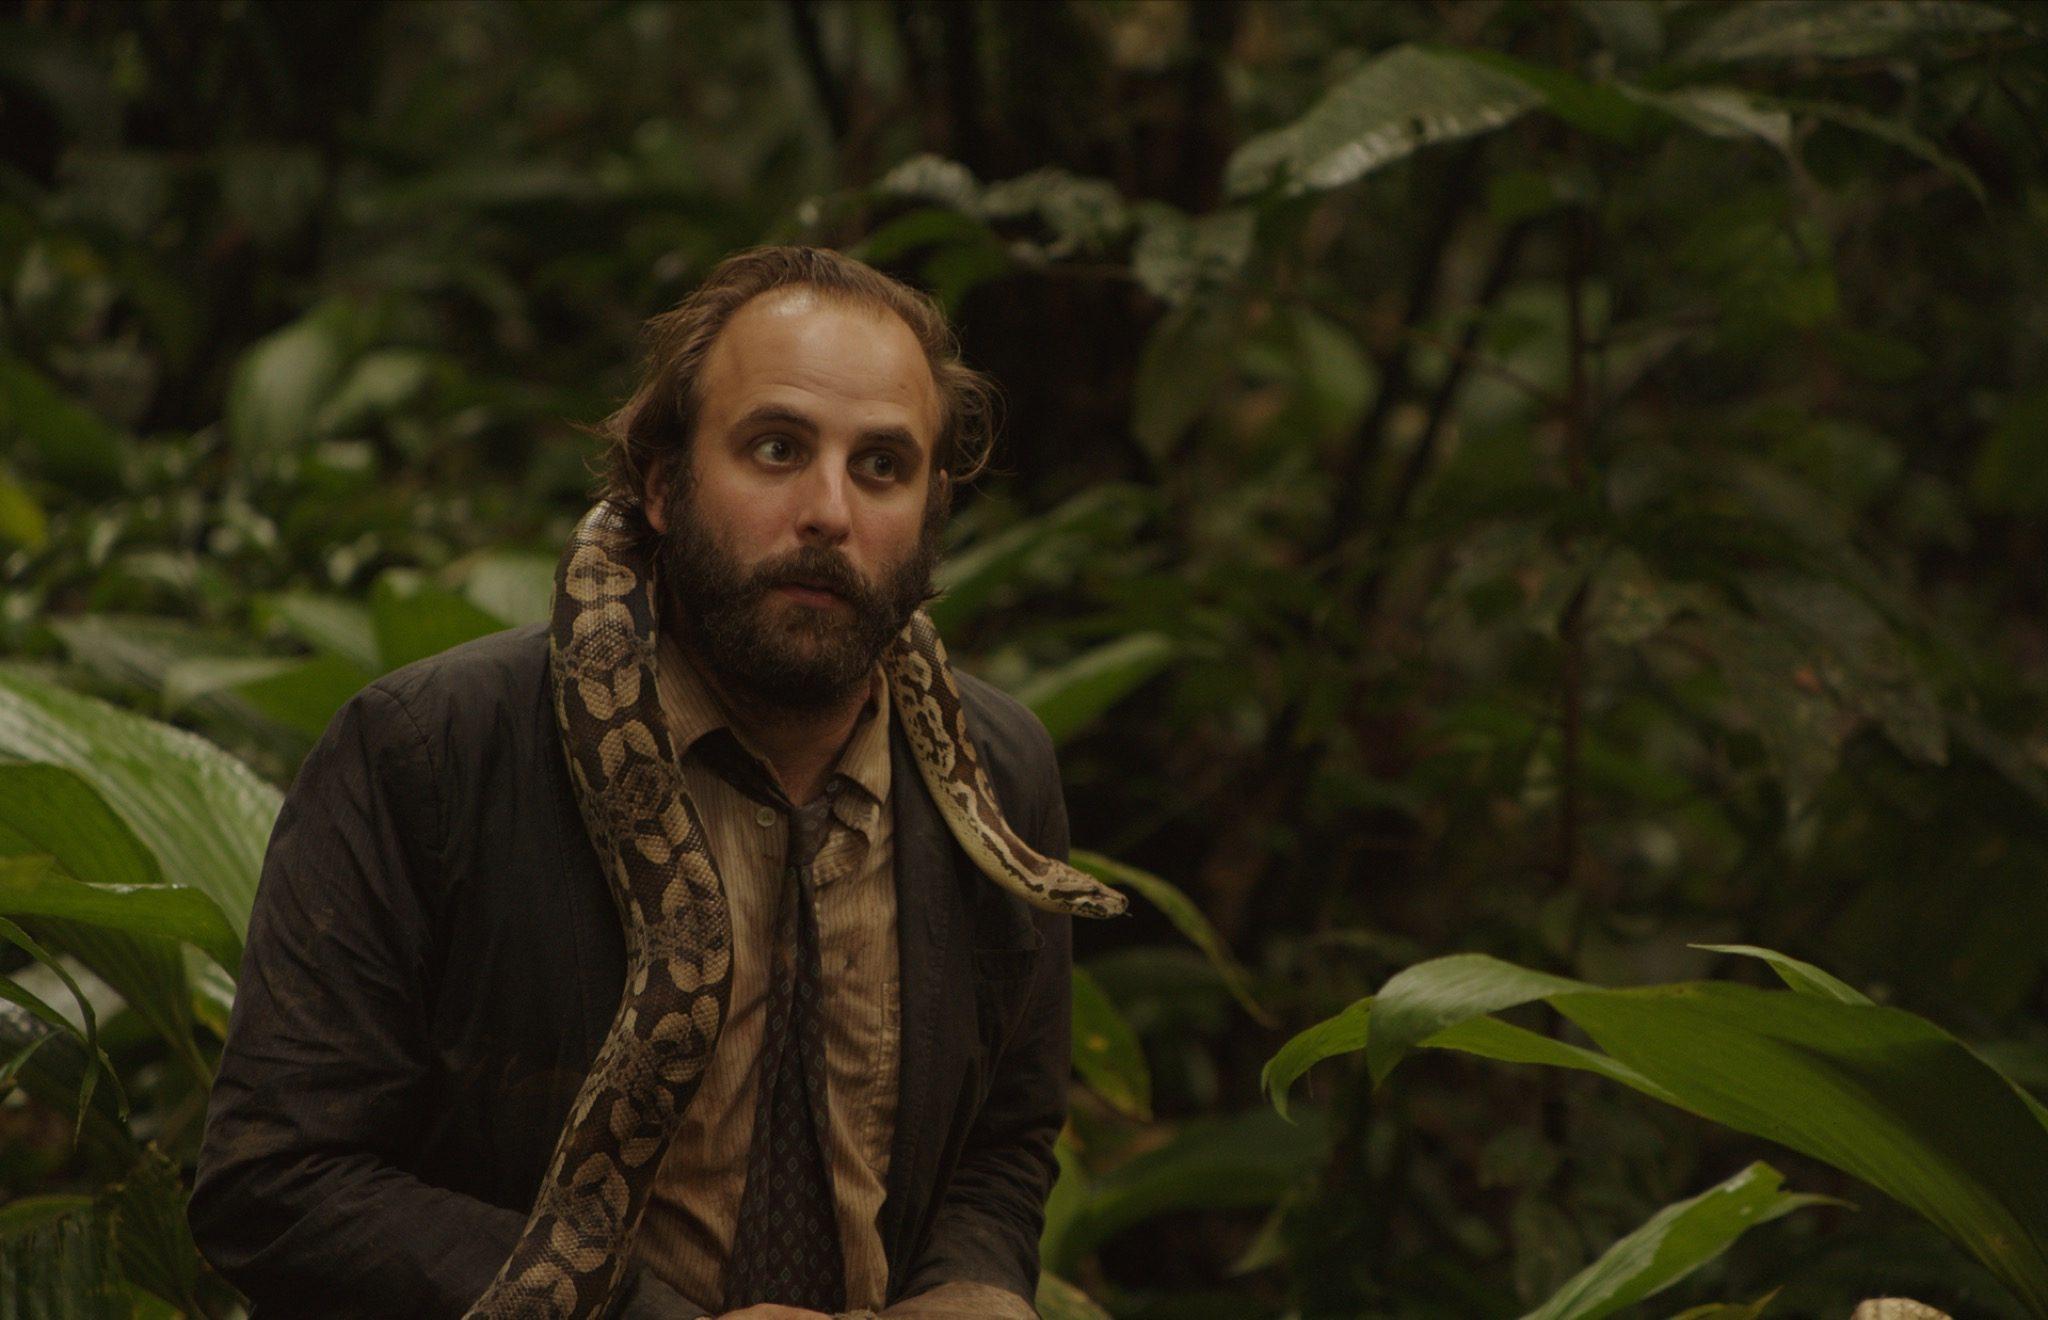 La Loi de la jungle image-4